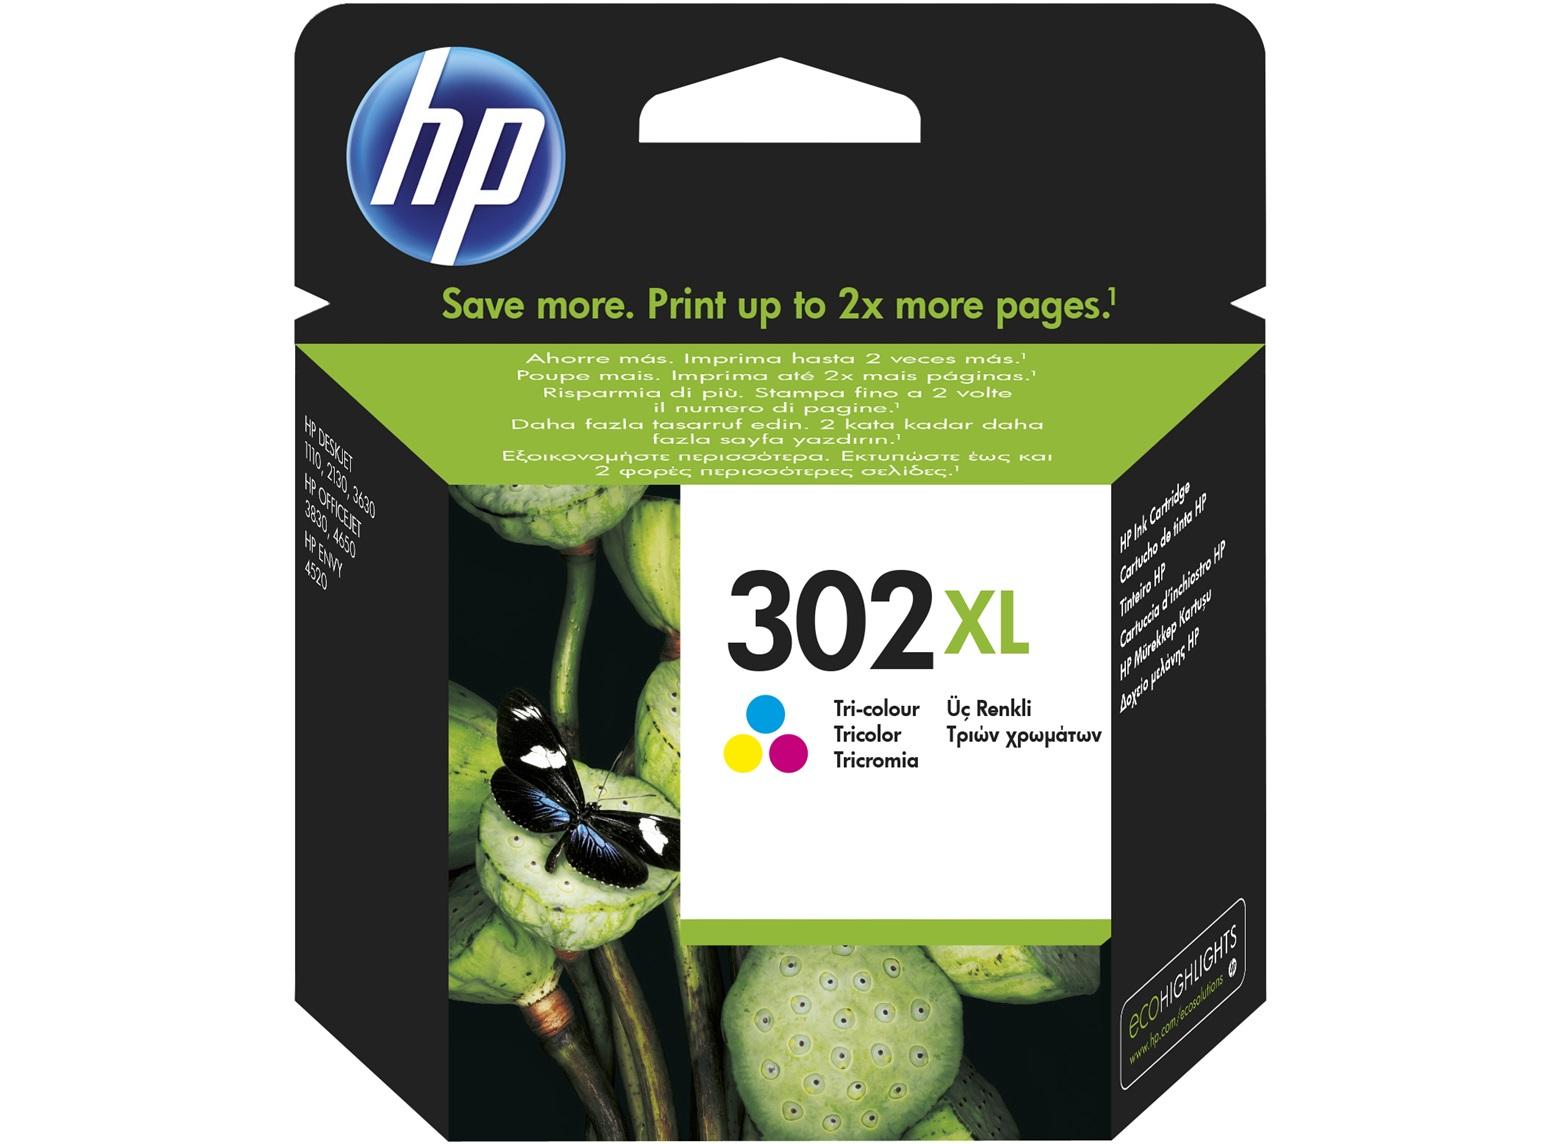 HP 302XL High Yield Tri-color Original Ink Cartridge Cian, Magenta, Amarillo 1 pieza(s)